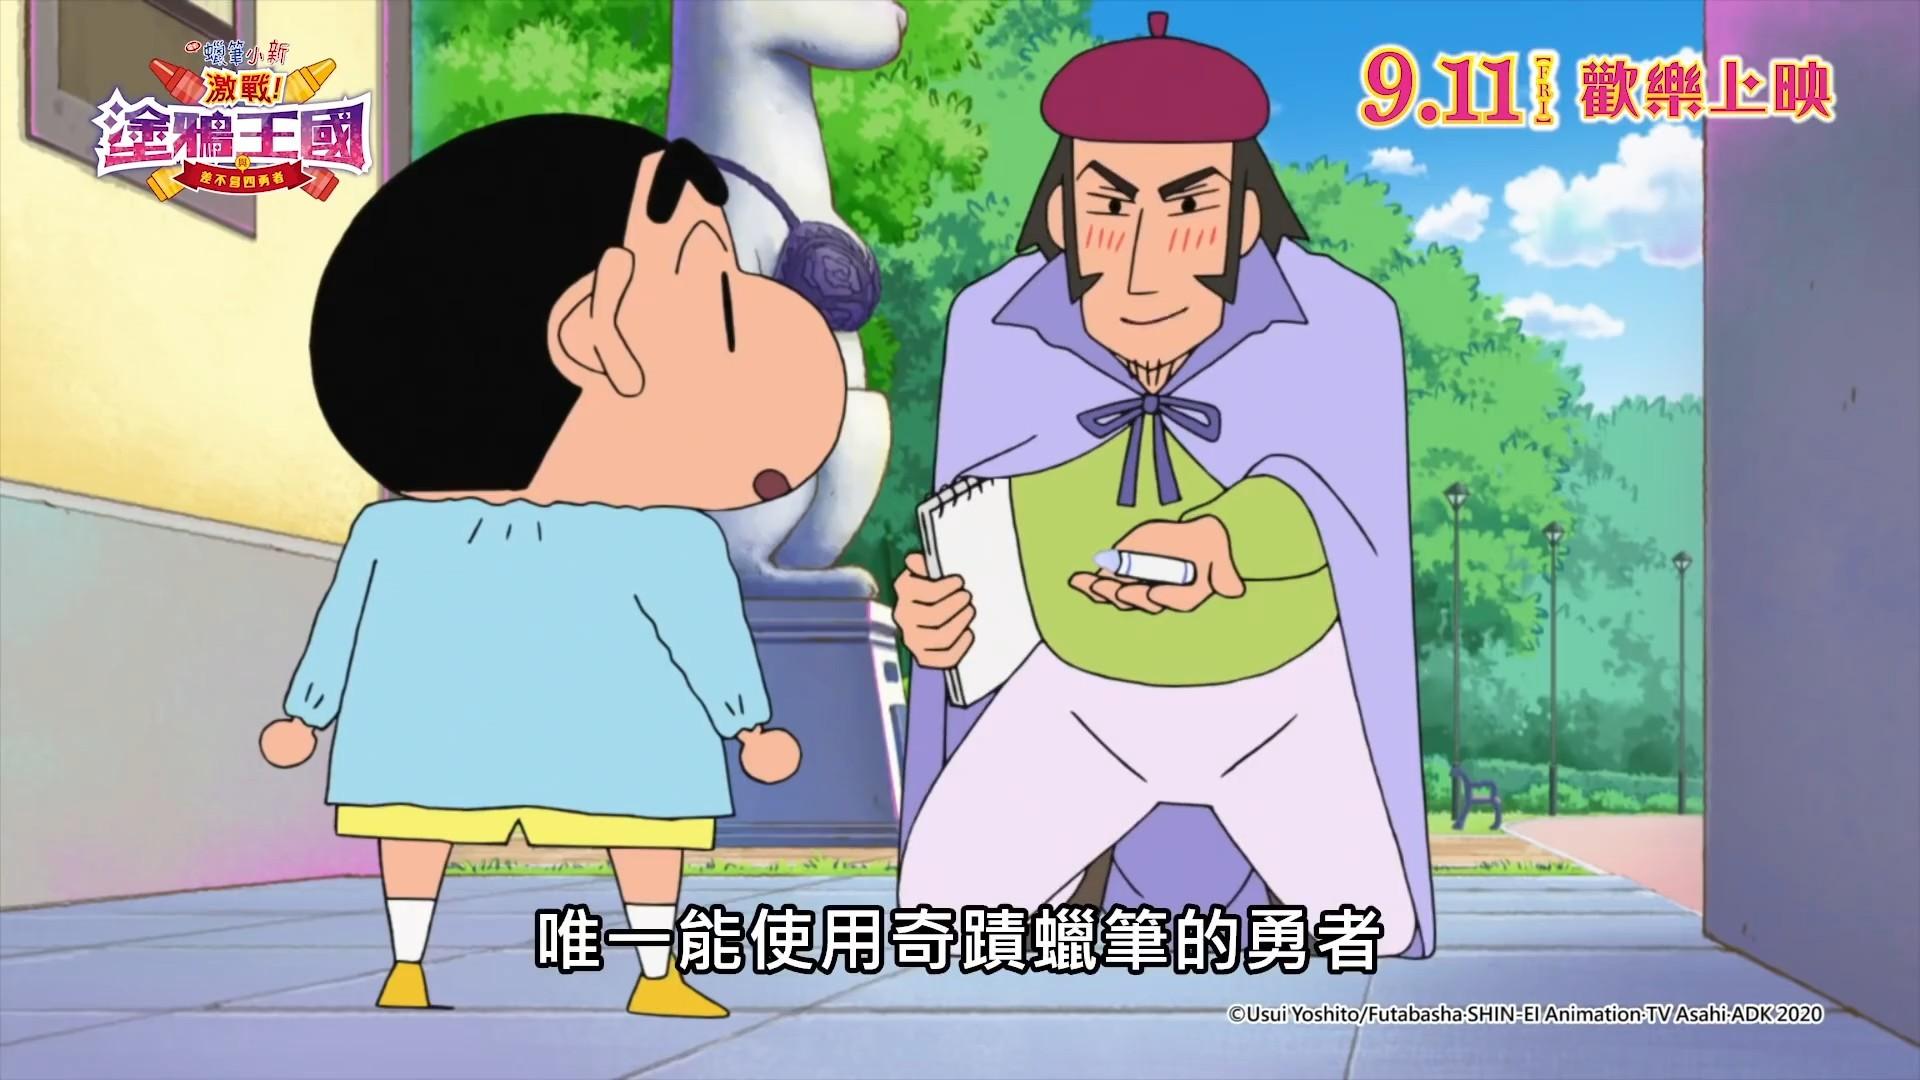 【动漫情报】剧场版《蜡笔小新 激战!涂鸦王国与大约4位勇者》中文配音预告公开